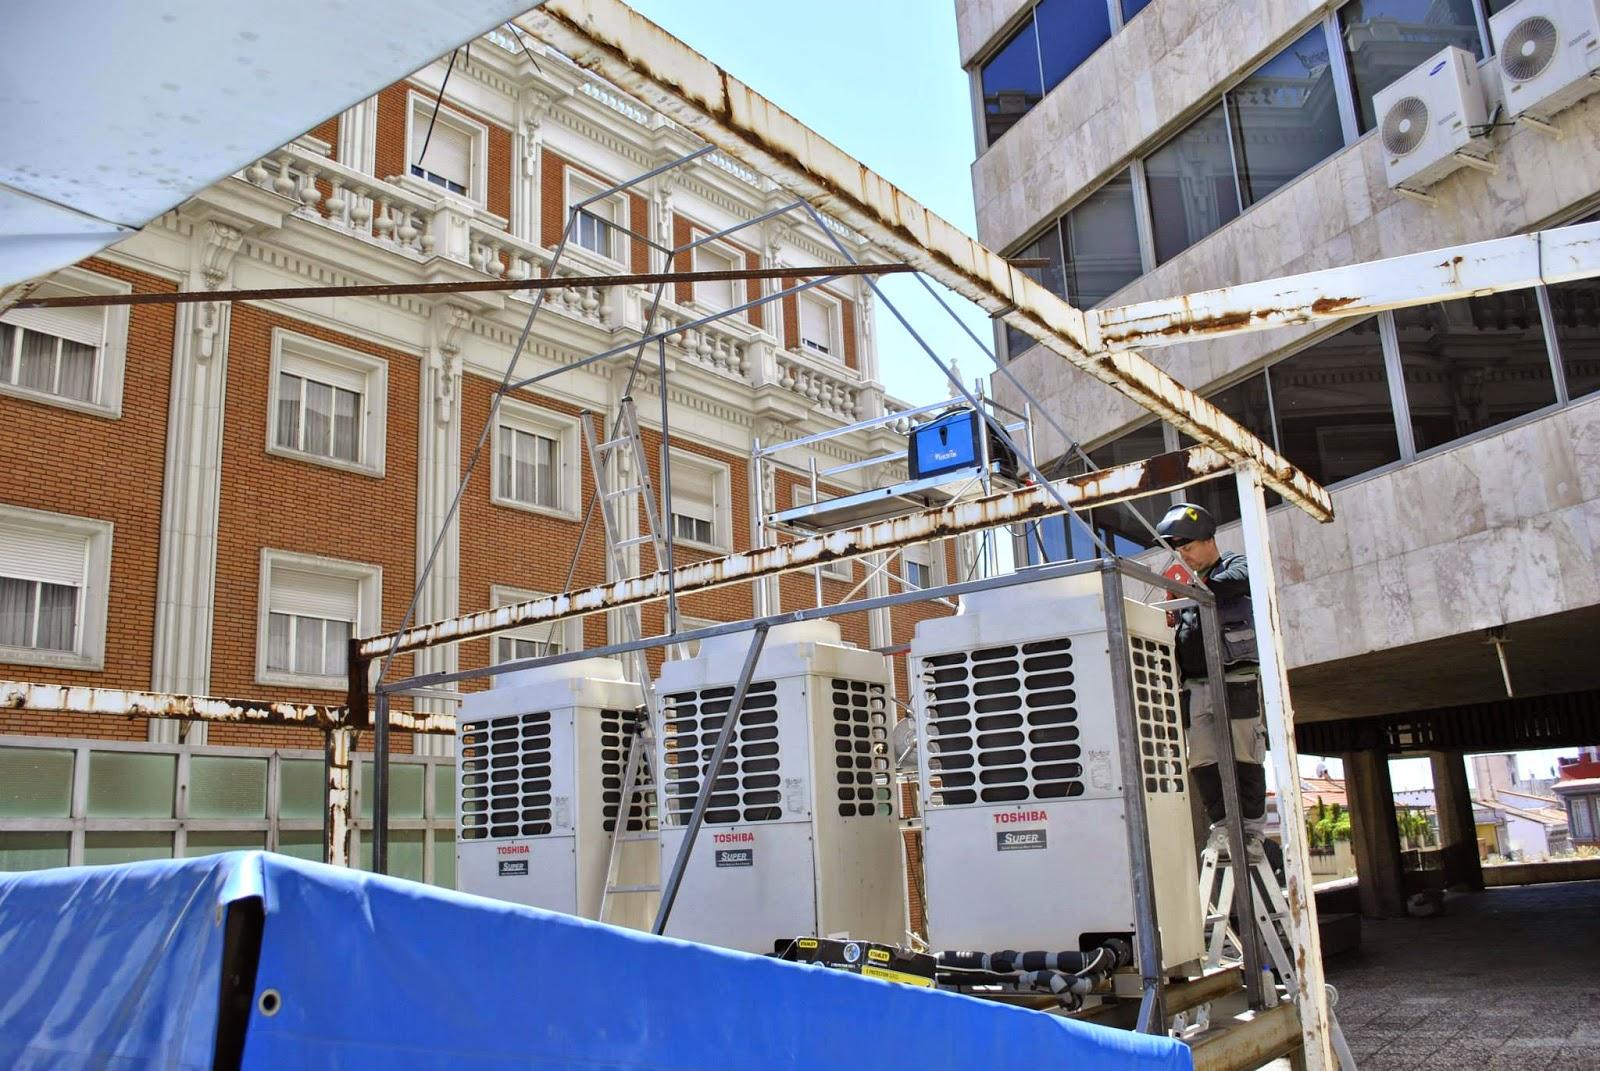 oferta sustituir aire acondicionado Madrid